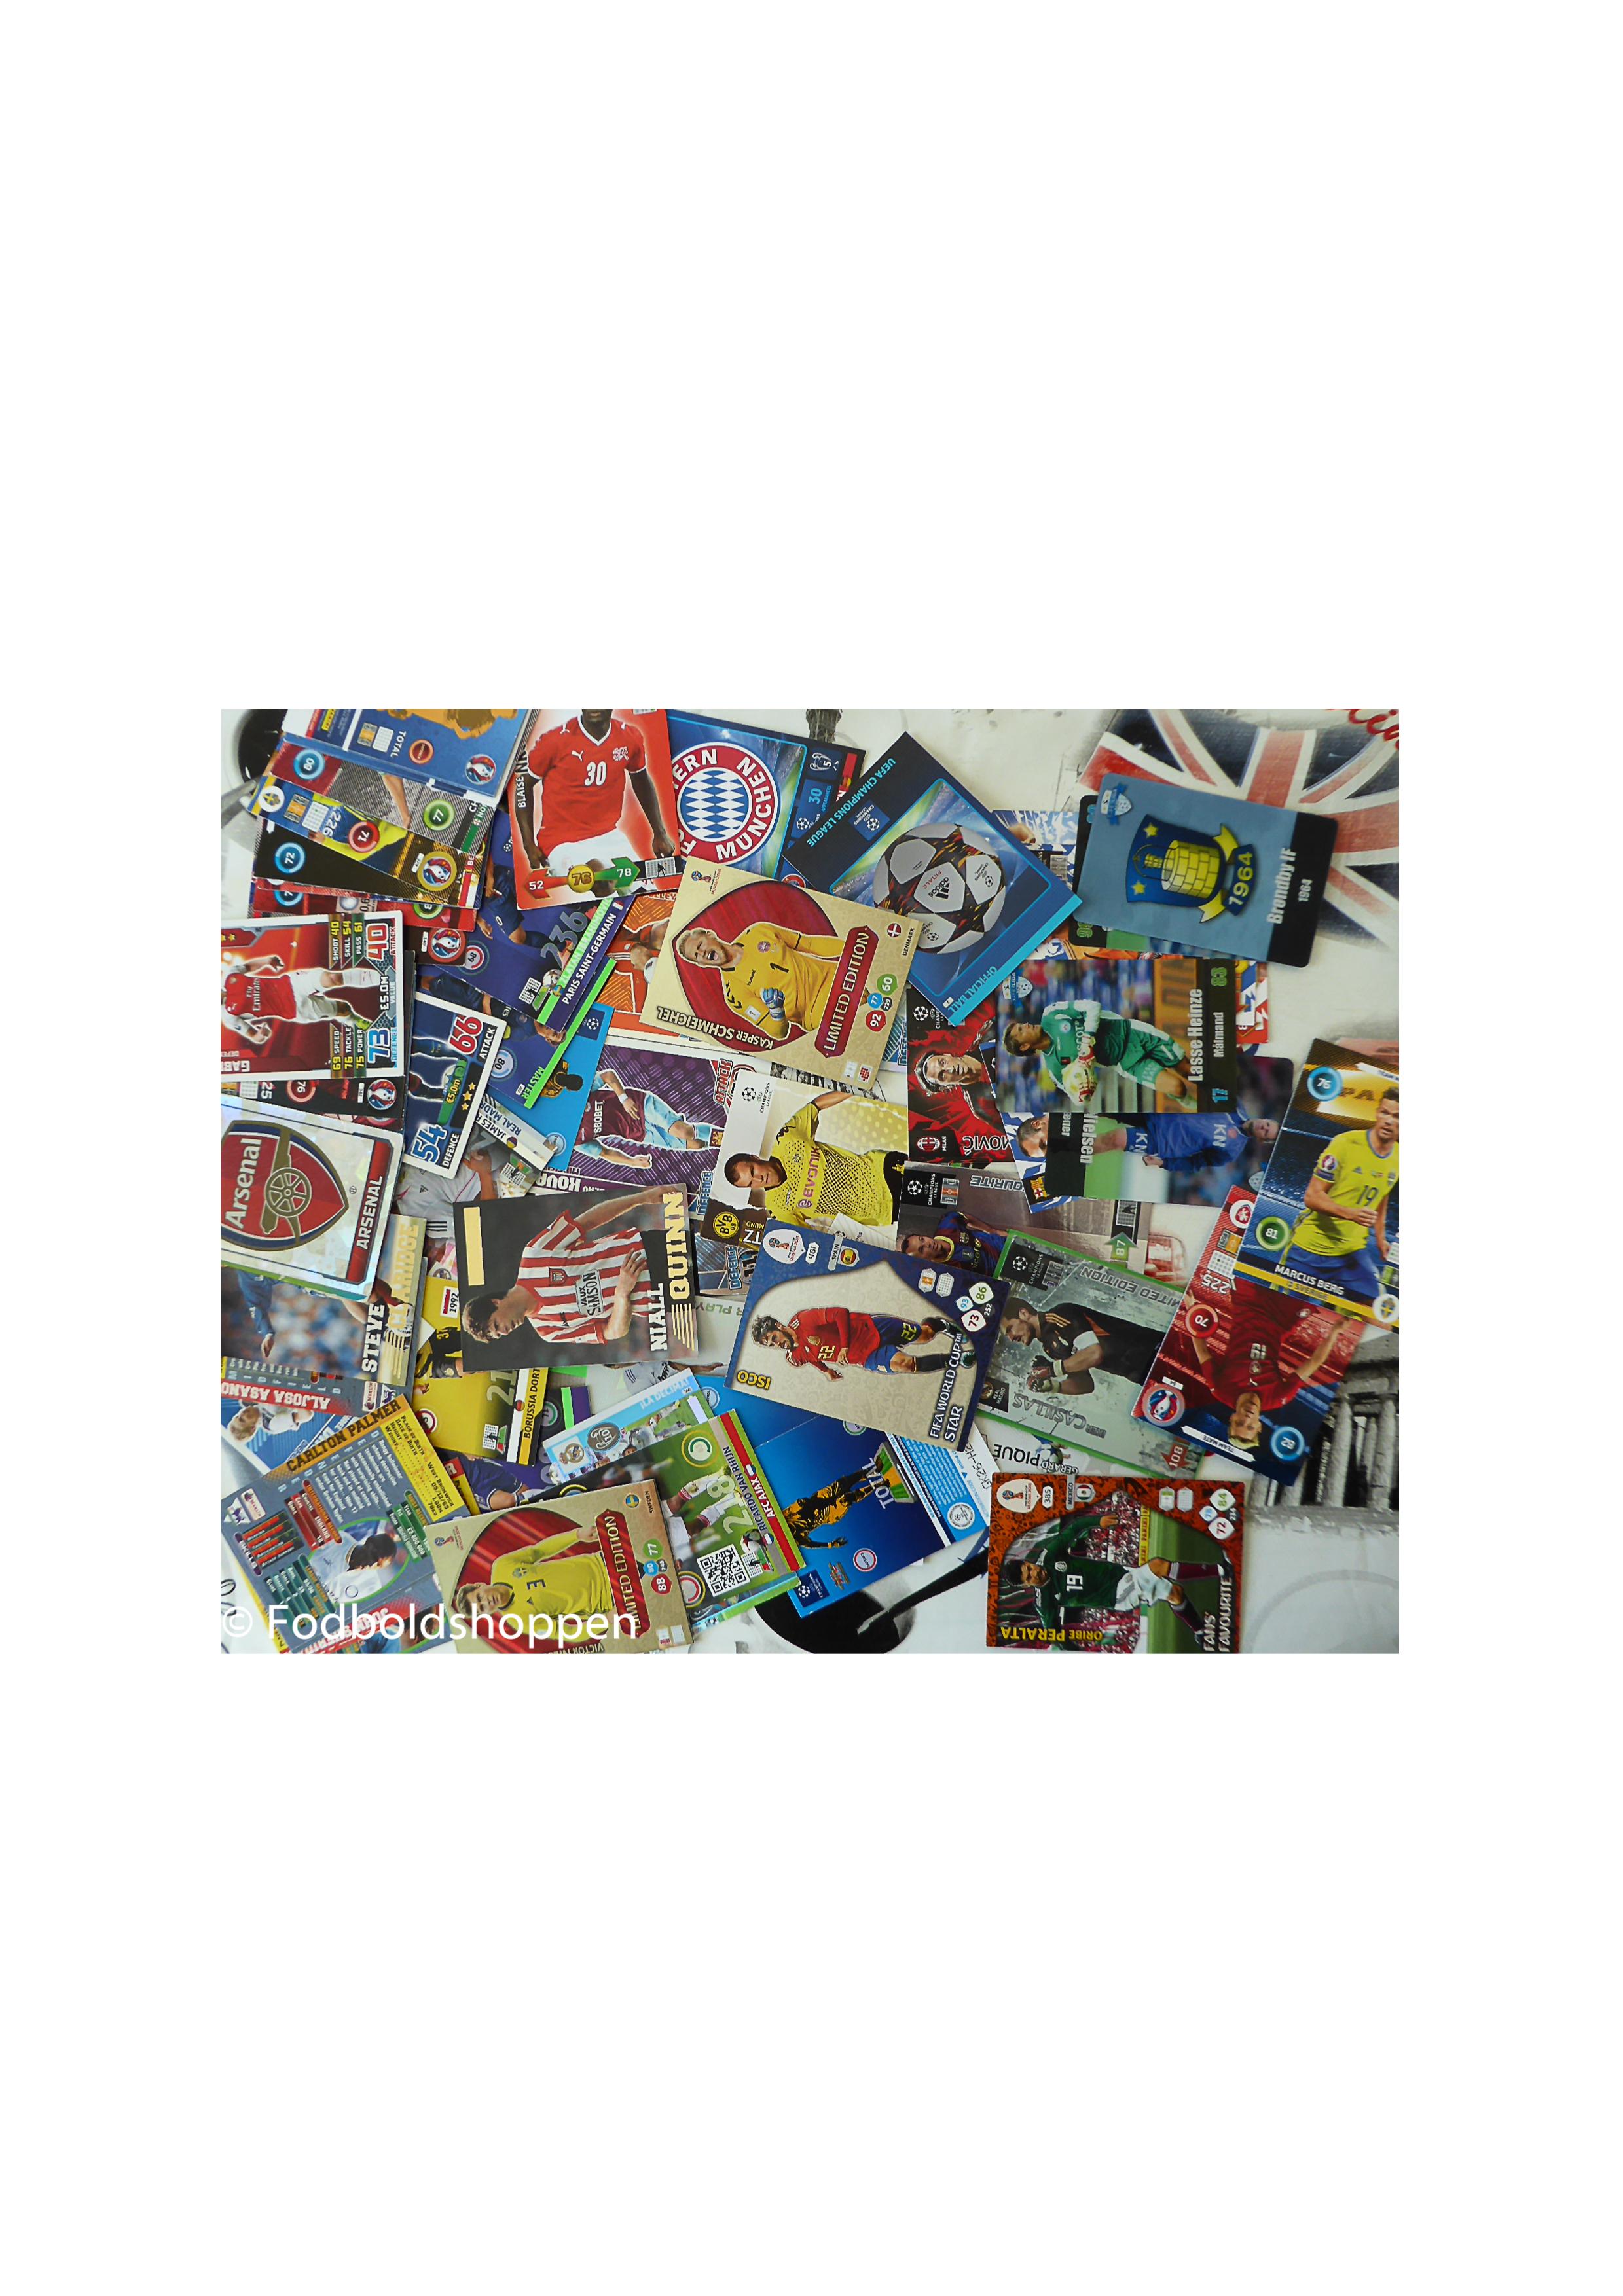 Fodboldkort, samlekort, Fodboldmærker